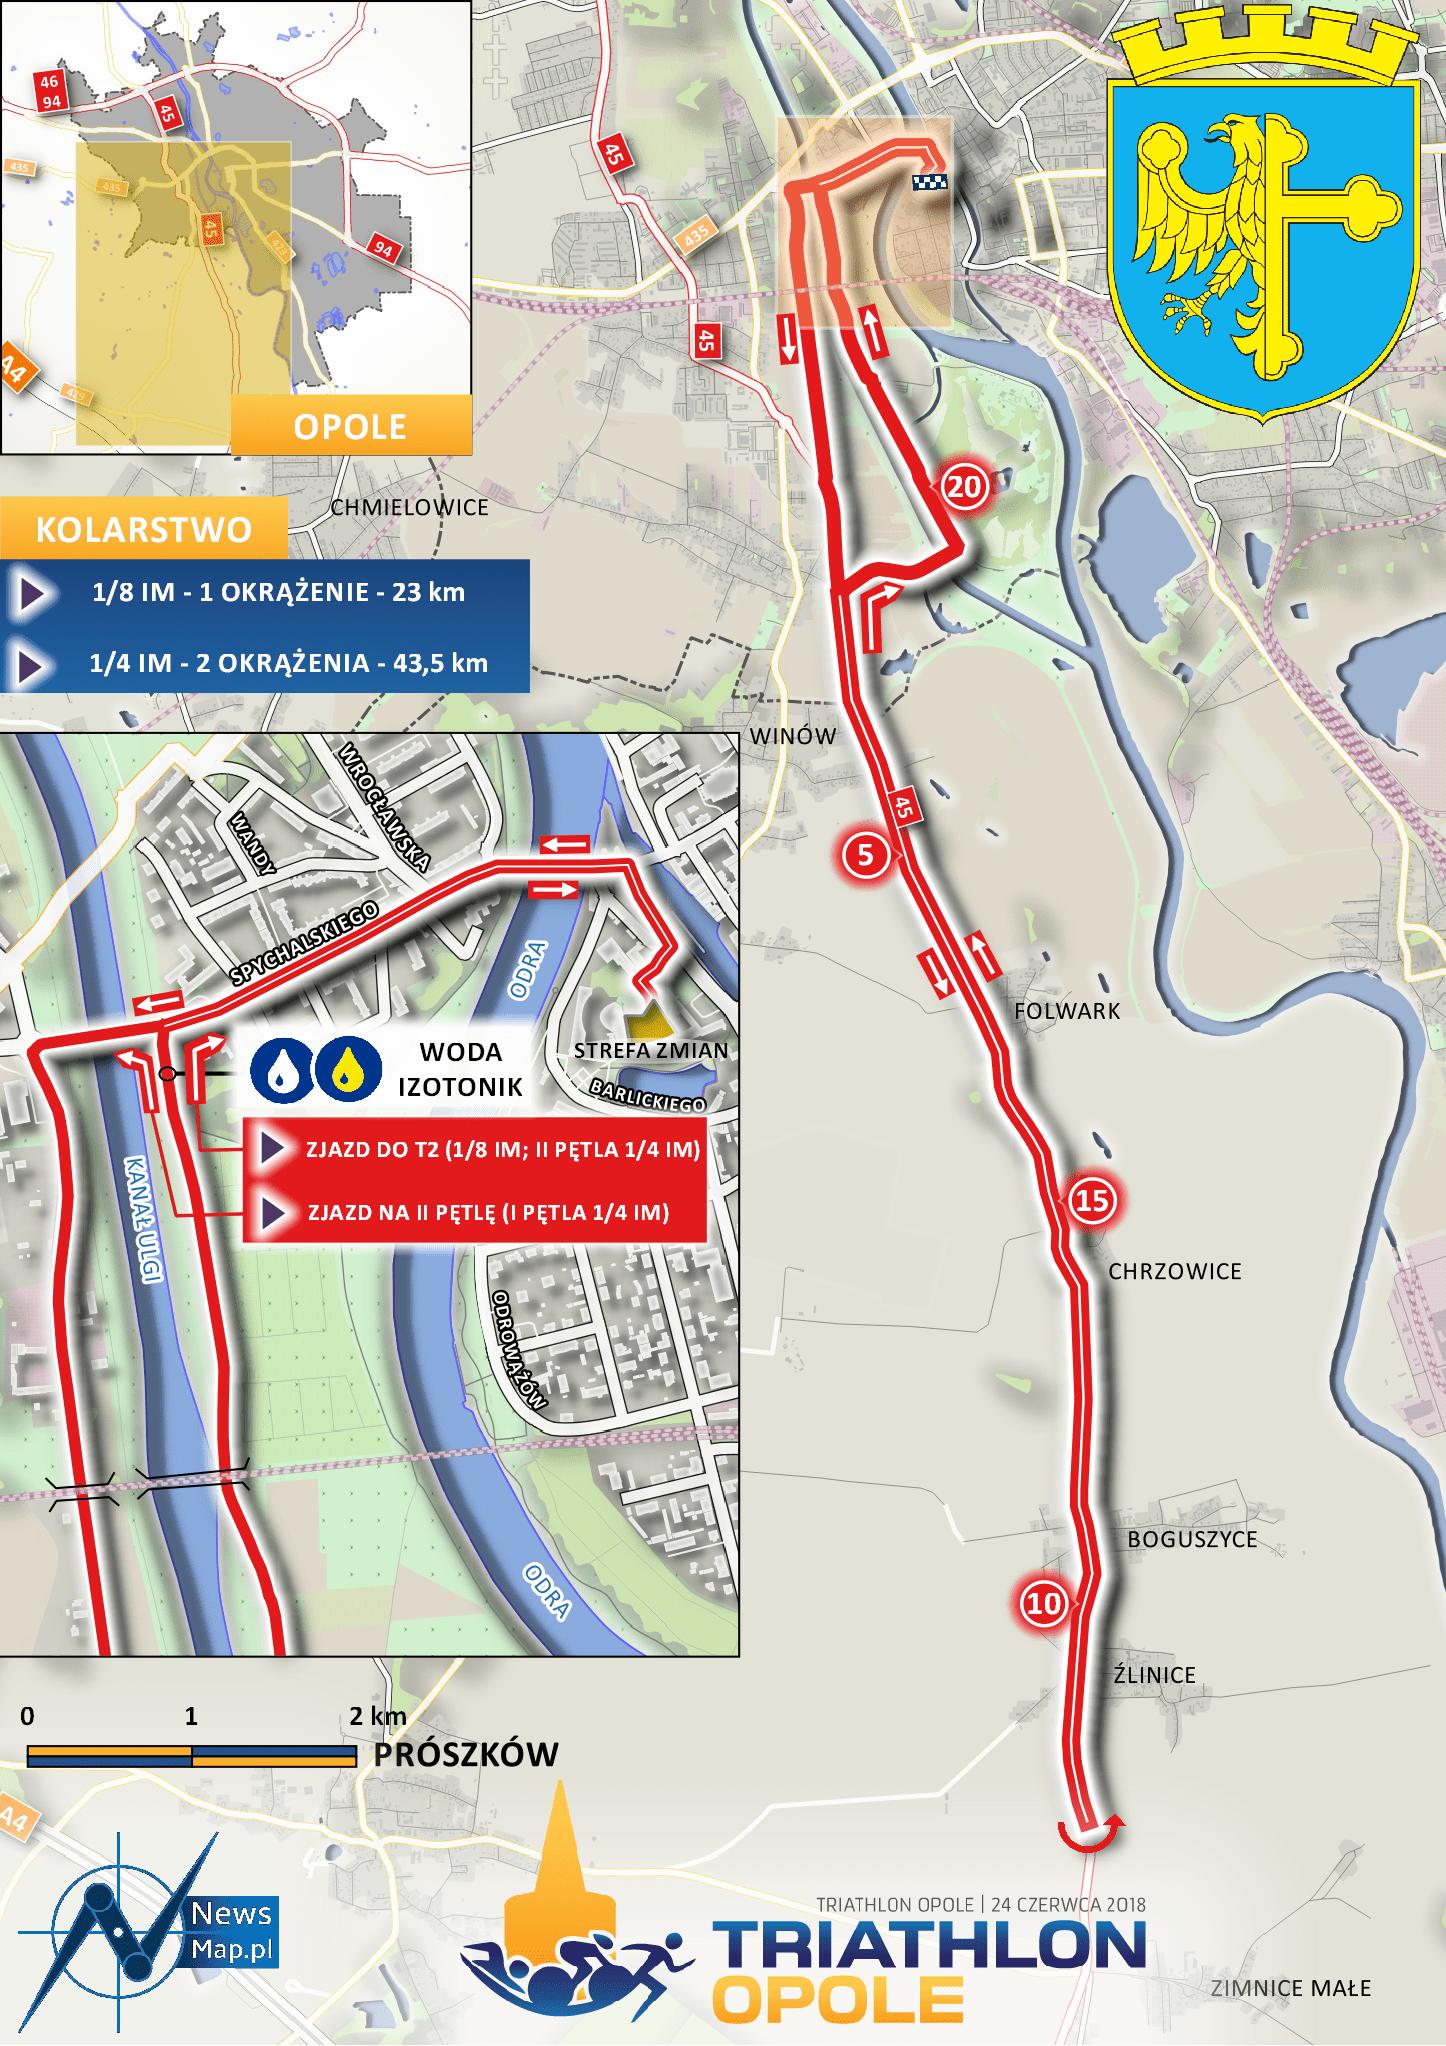 Triathlon Opole 2018 - Rower